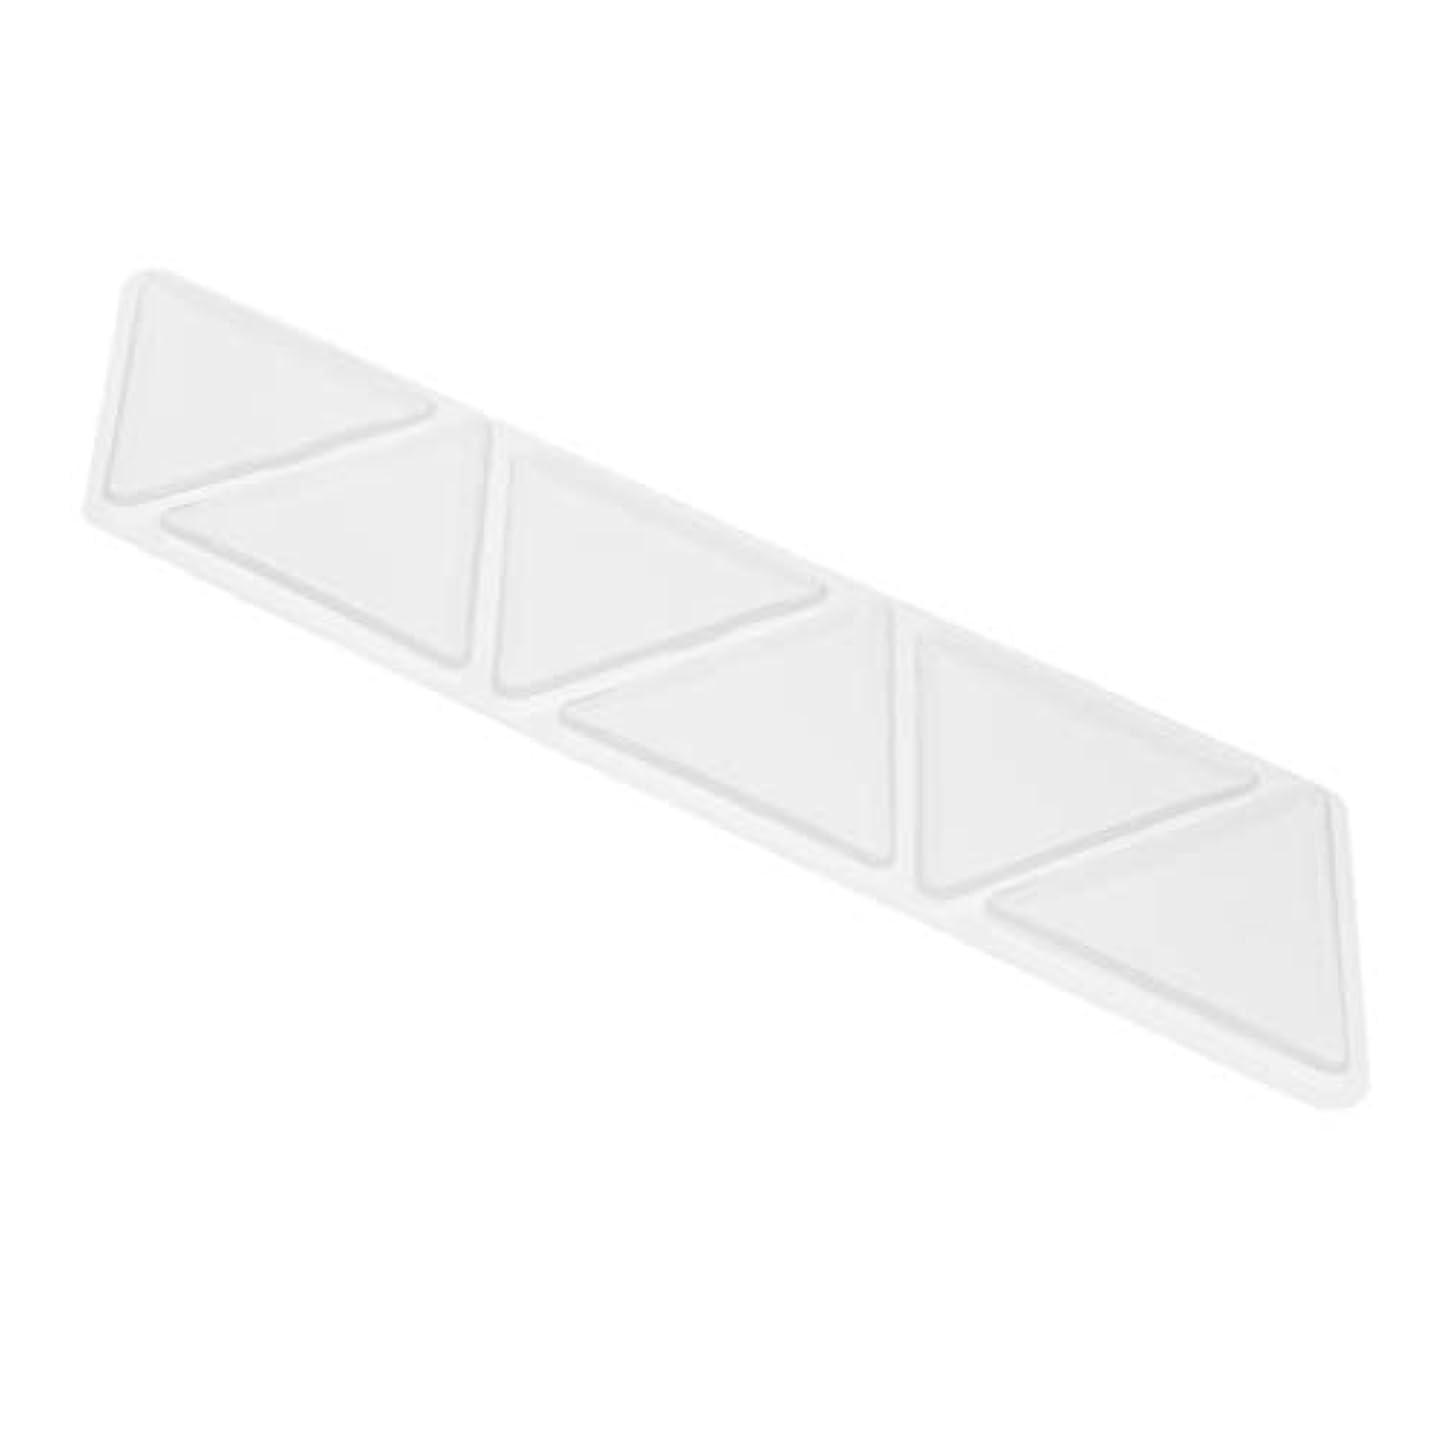 オリエント鉛筆シマウマシリコーン アンチリンクル 額 パッド パッチスキンケア 三角パッド 6個セット